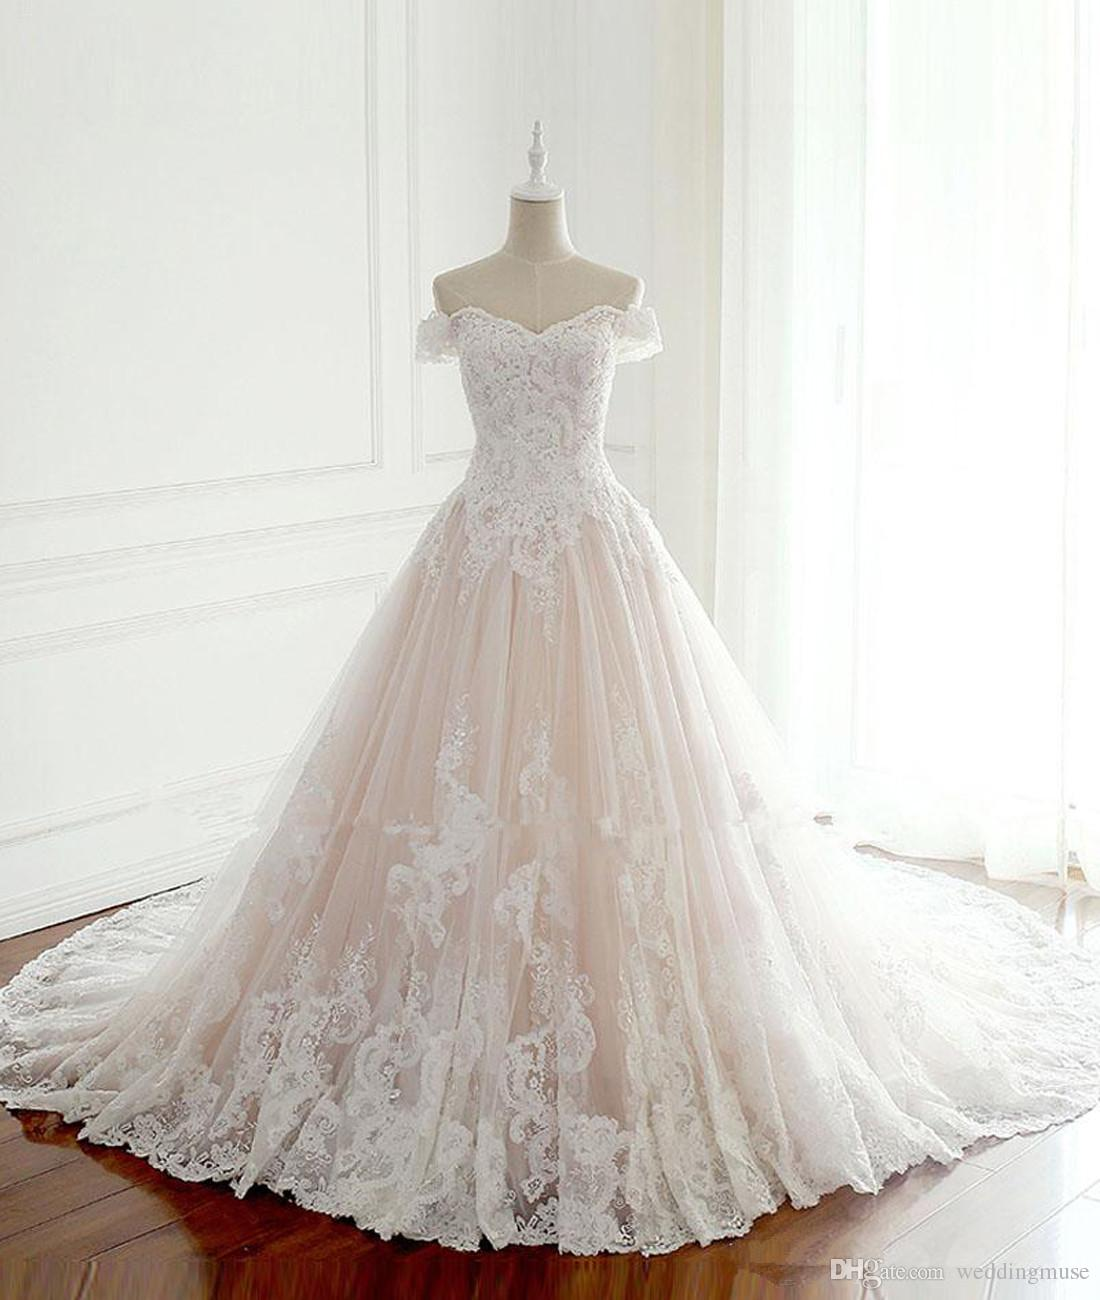 새로운 2020 공주 웨딩 드레스 터키 화이트 아플리케 핑크 새틴 내부 우아한 신부 드레스 플러스 사이즈